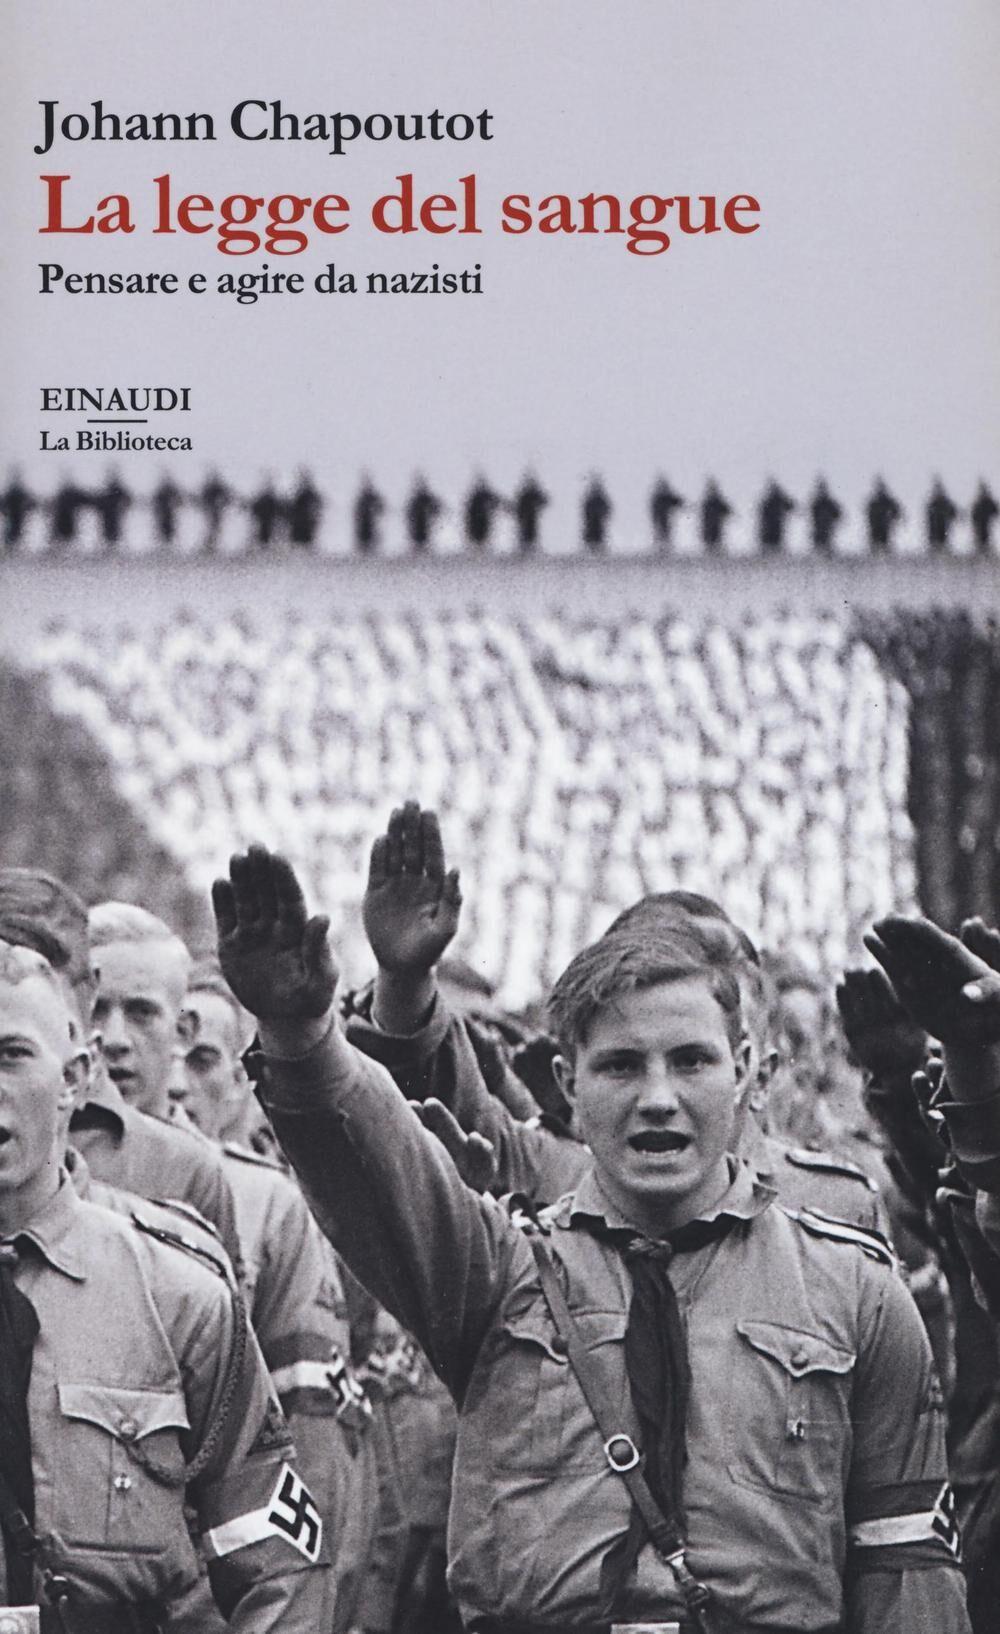 La legge del sangue. Pensare e agire da nazisti